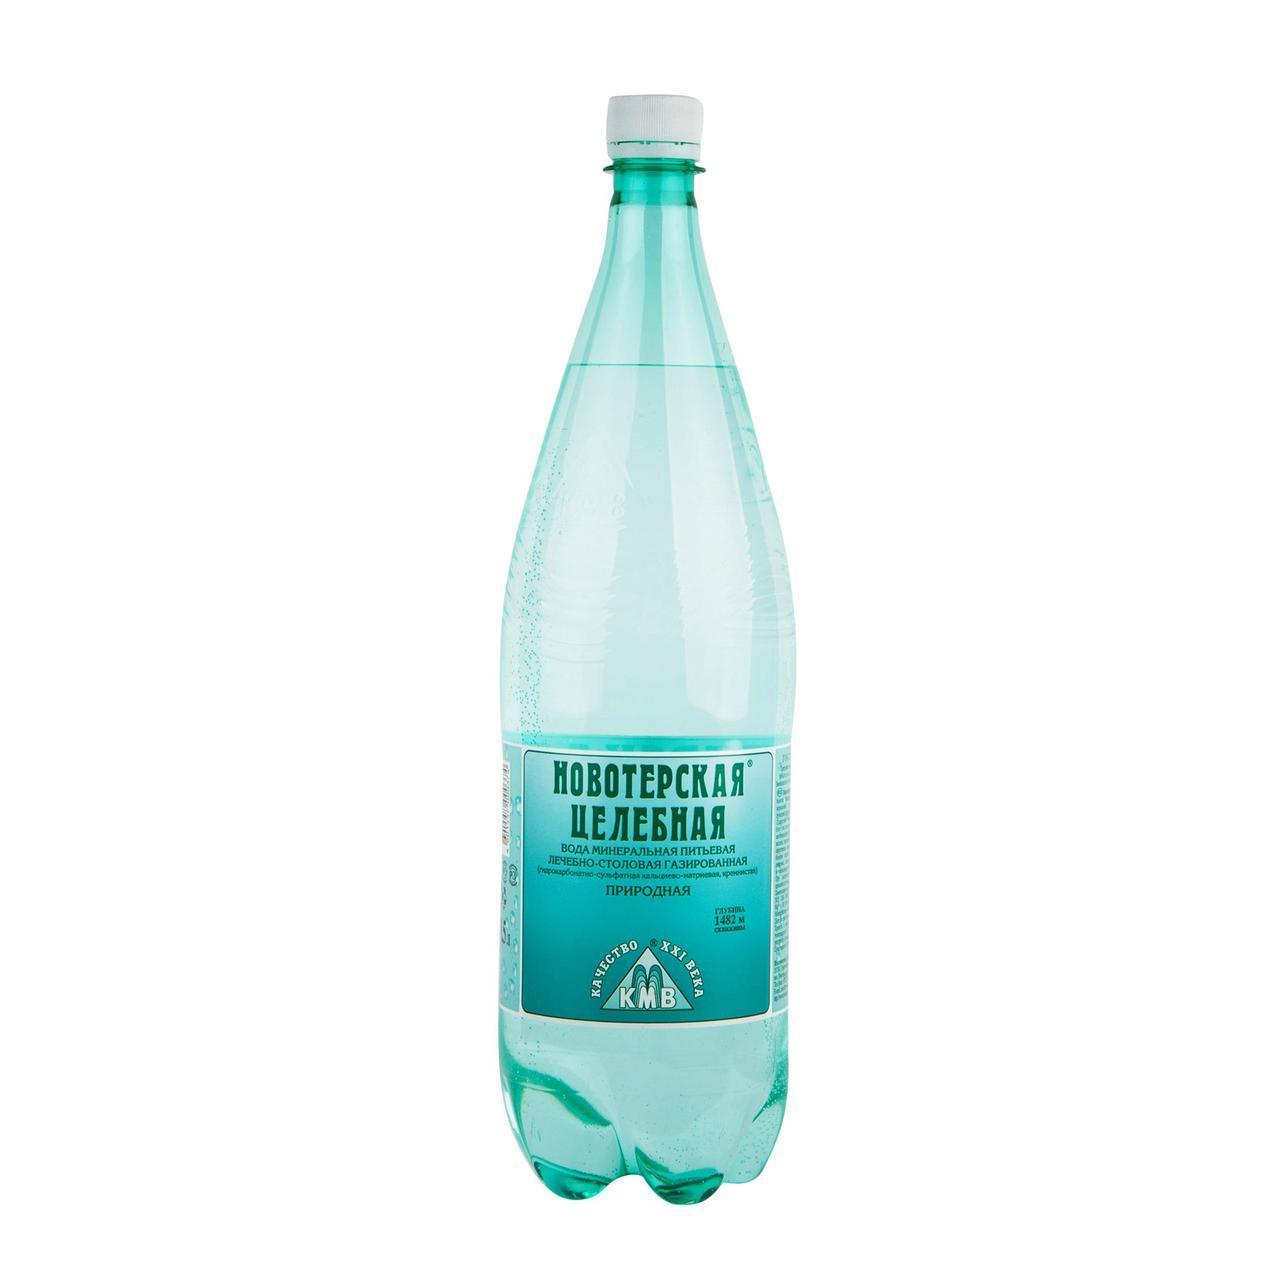 Вода минеральная Новотерская целебная газированная